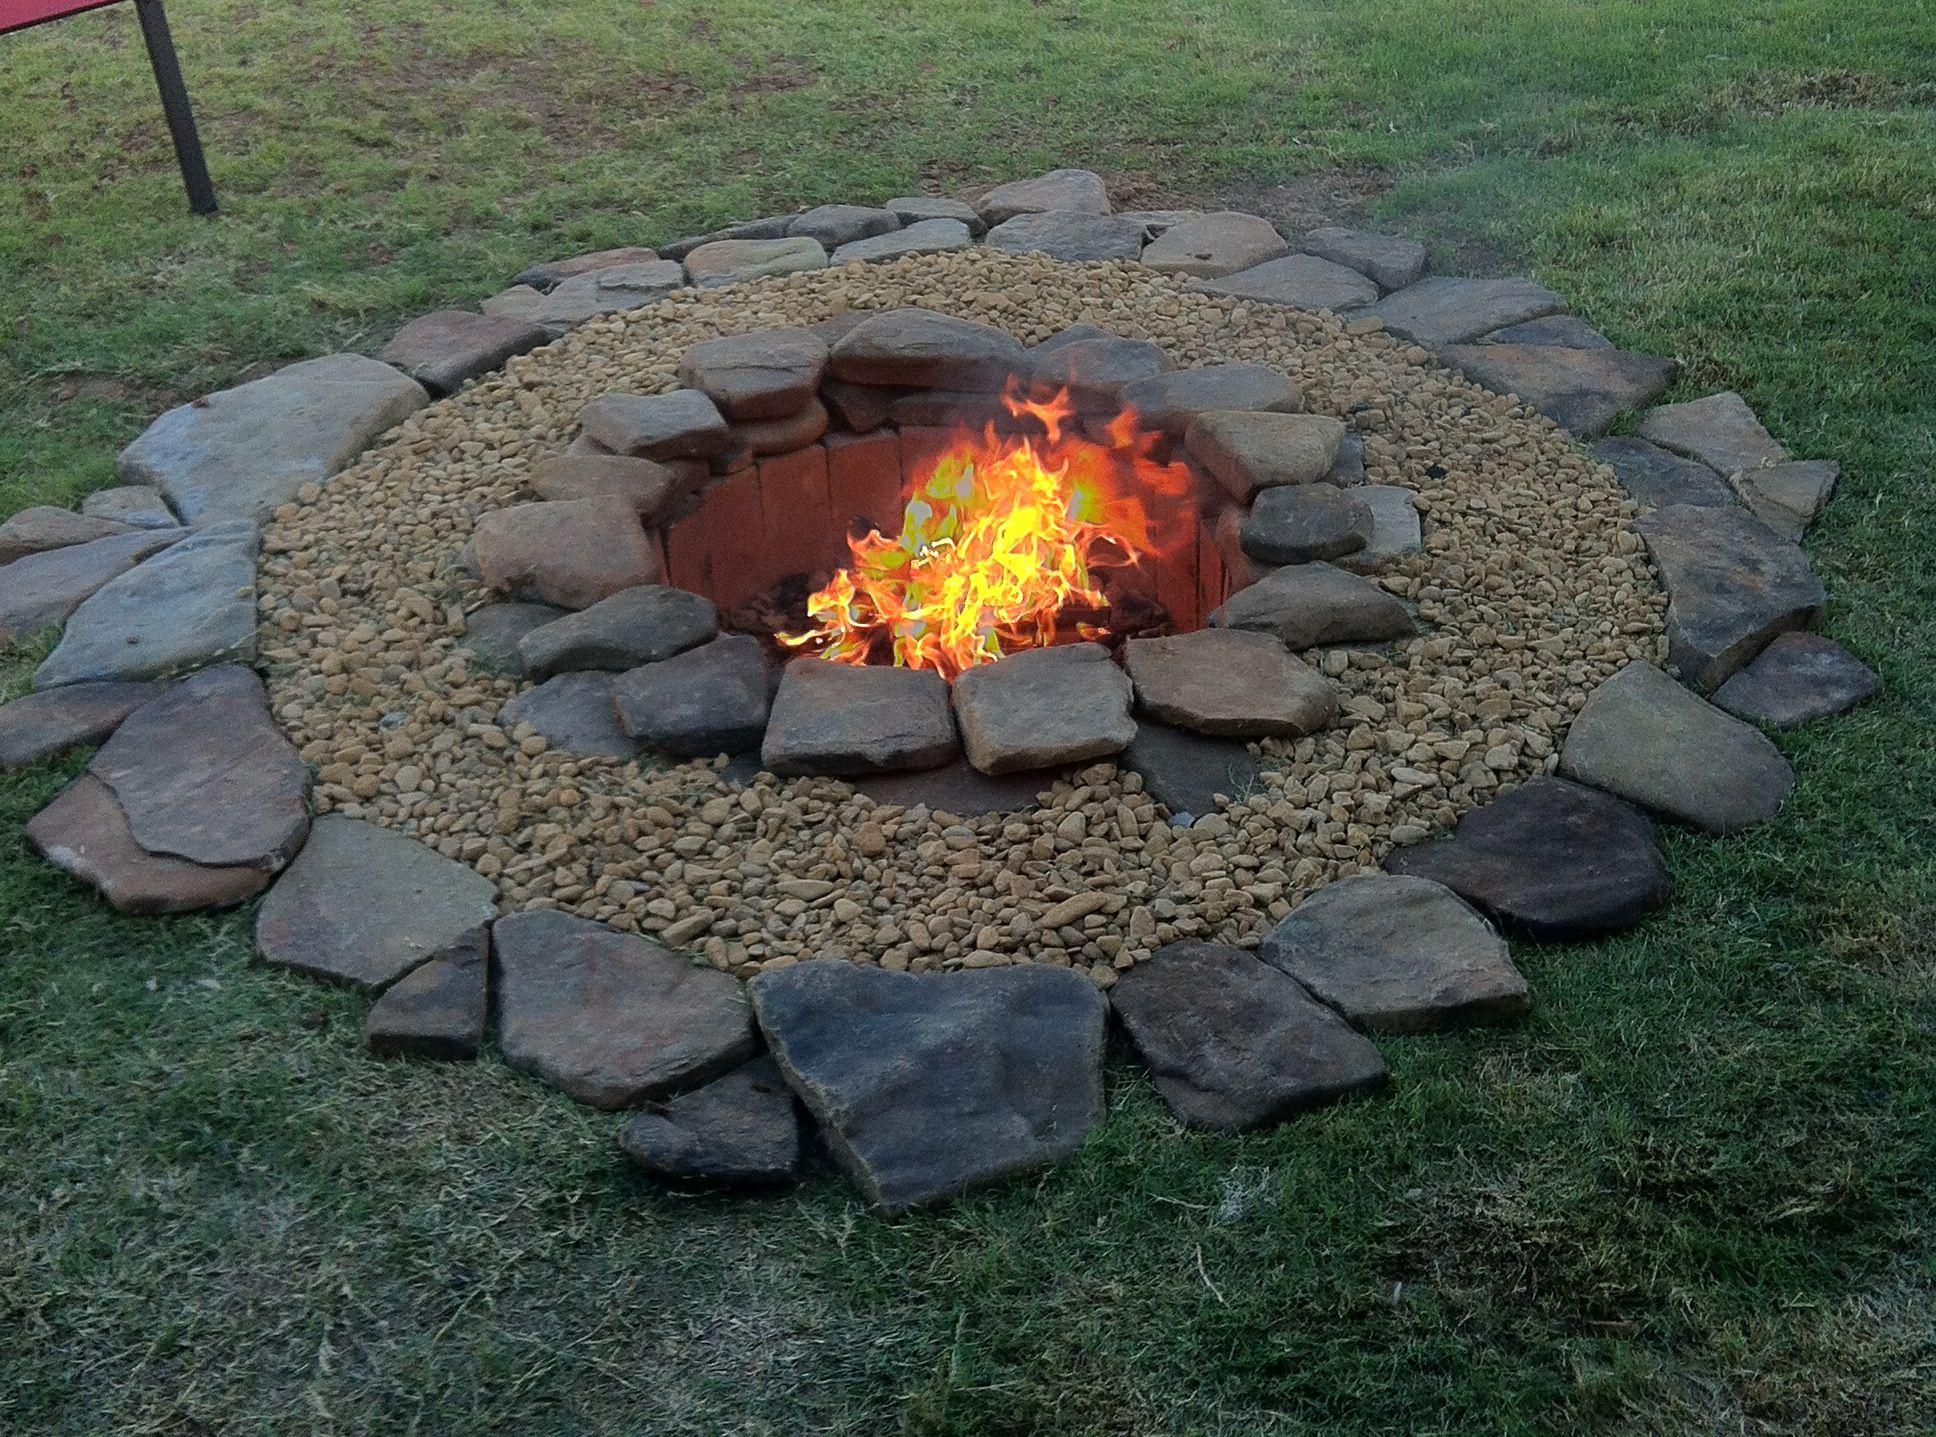 Our new DIY firepit! #diyfirepit